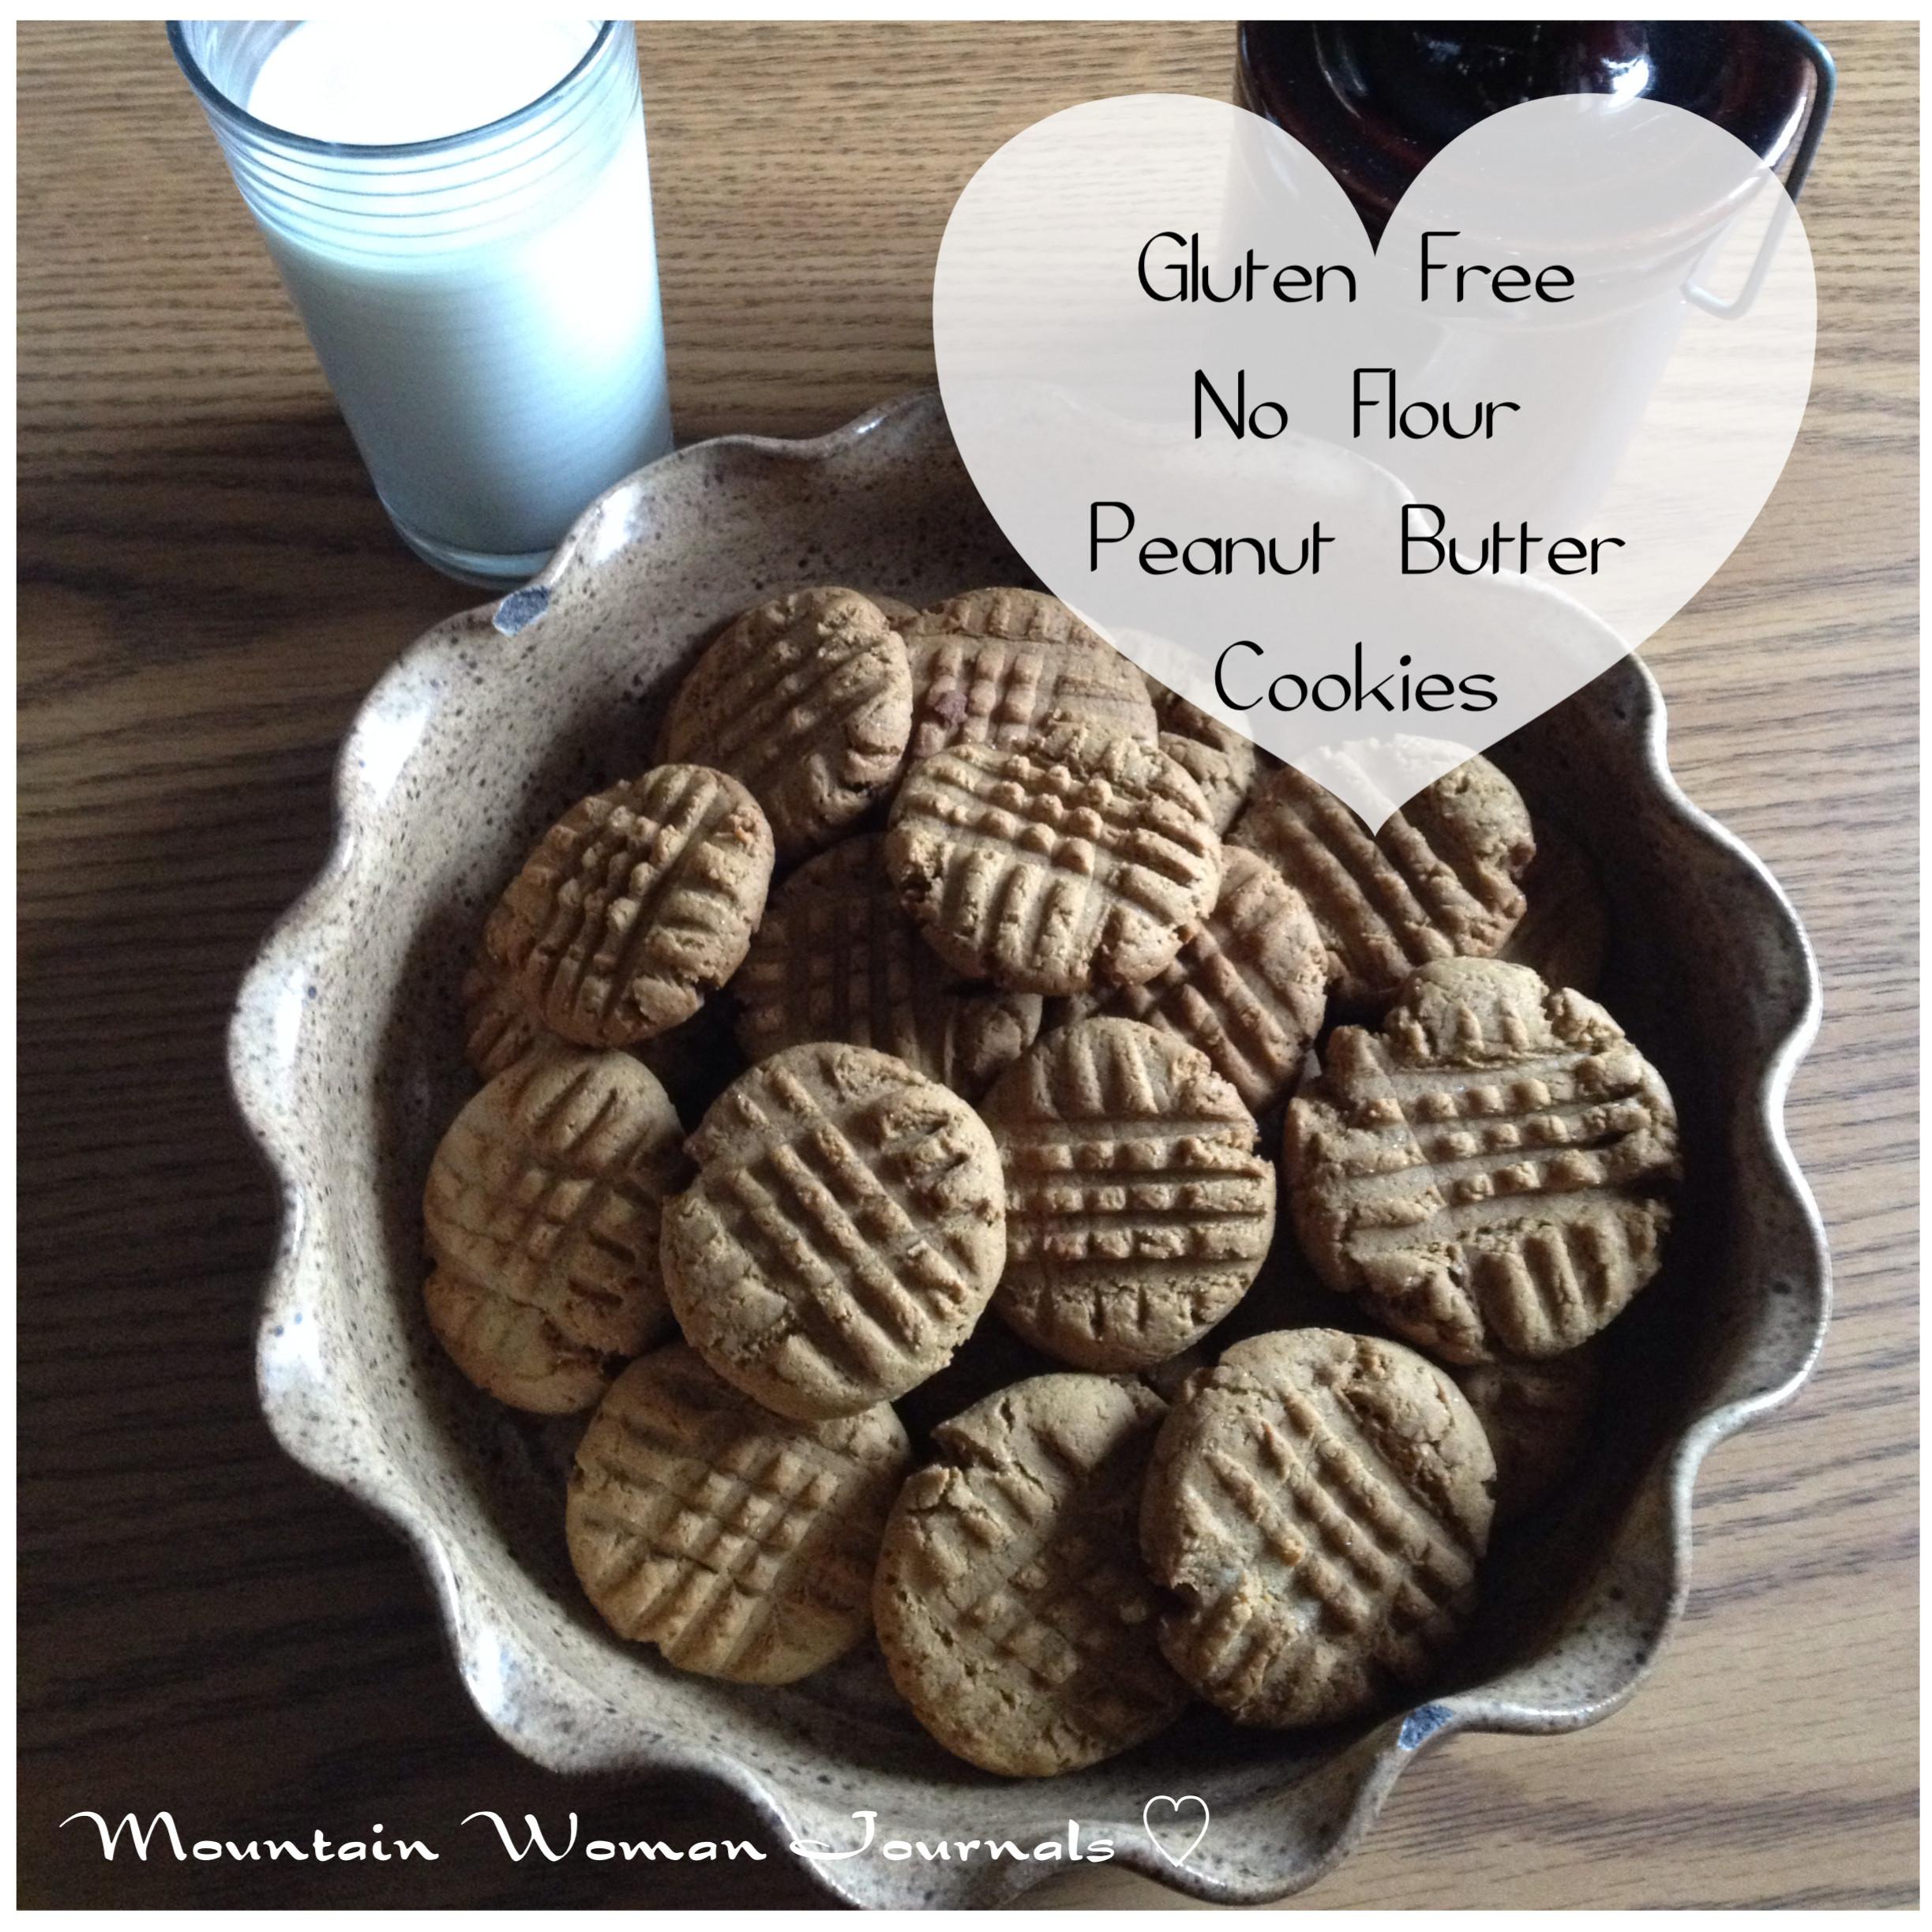 Peanut Butter Cookies No Flour  Gluten Free No Flour Peanut Butter Cookies Trayer Wilderness